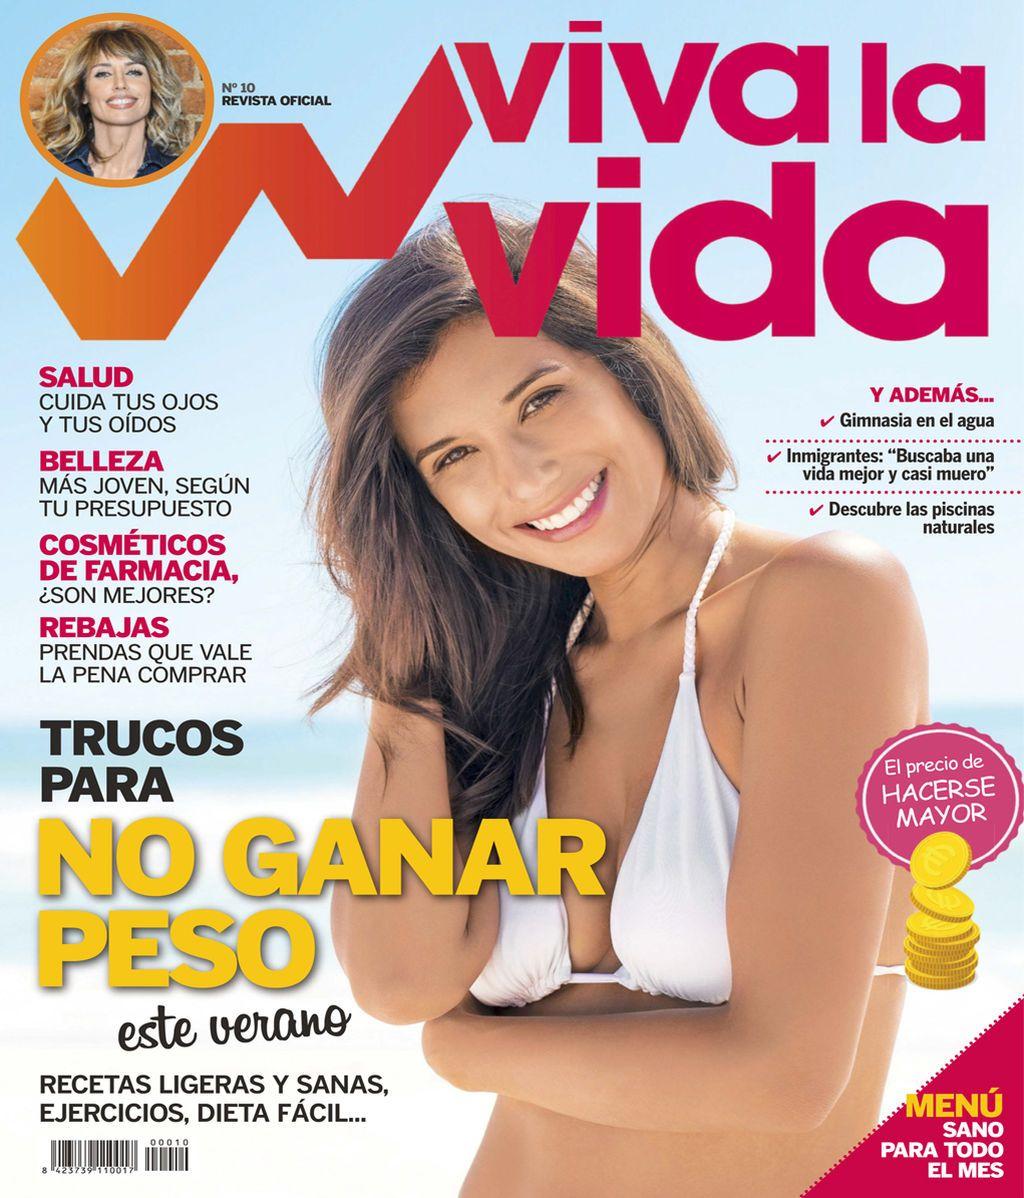 Saca partido al verano con el nuevo número de la revista Viva la vida